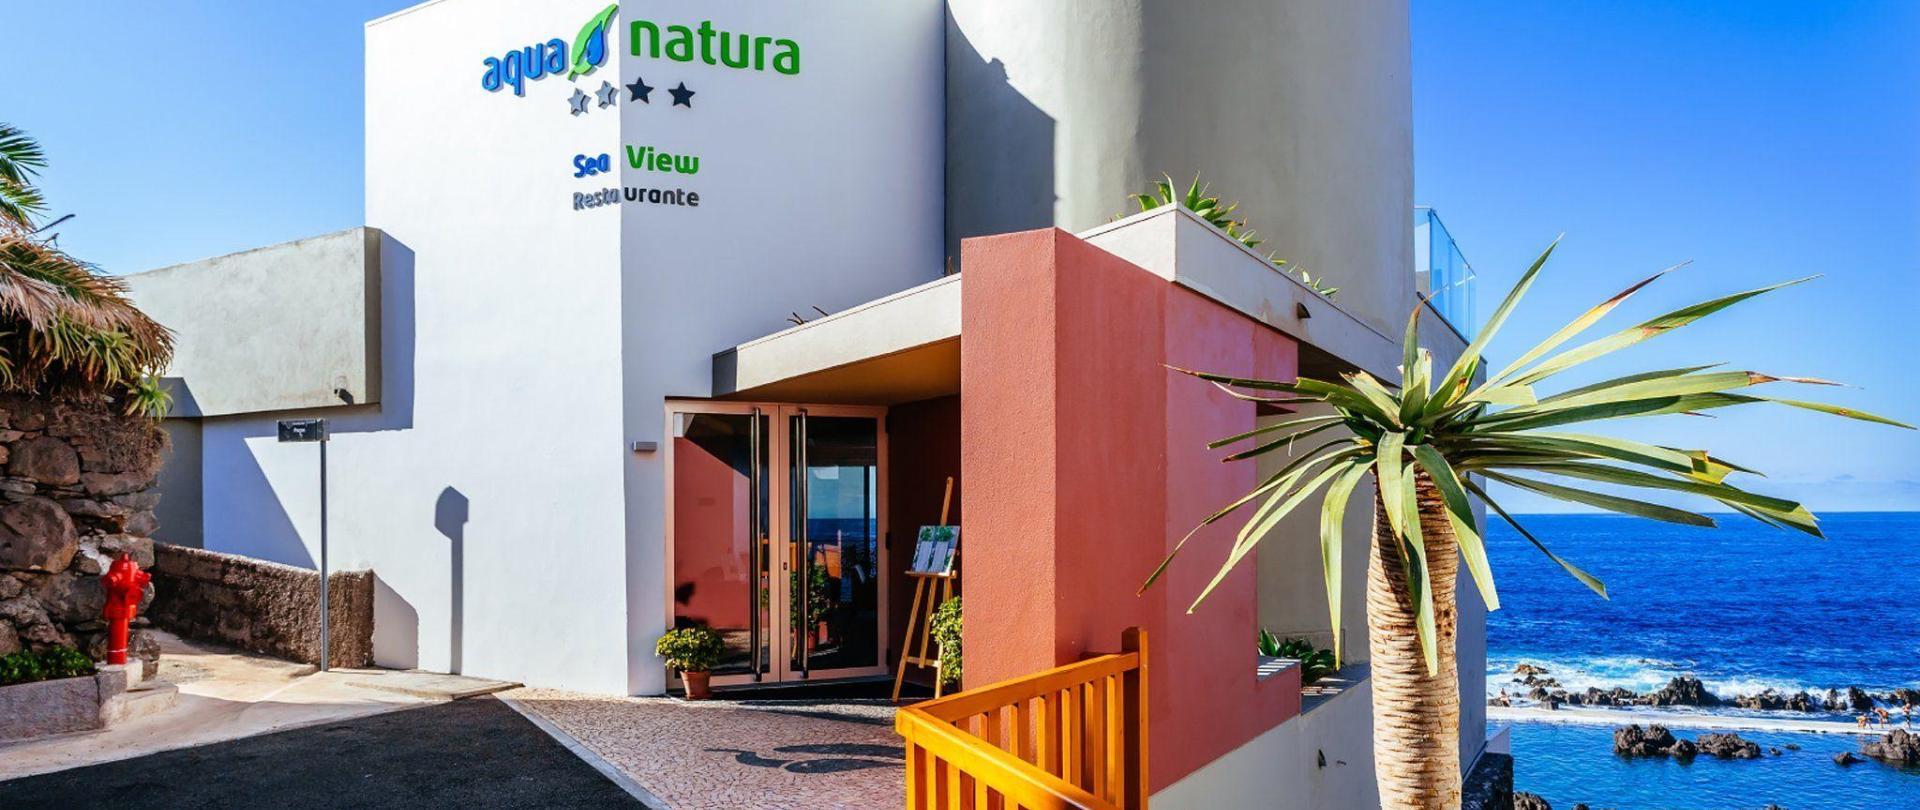 15-hotel-entrance-aqua-natura-1.jpg